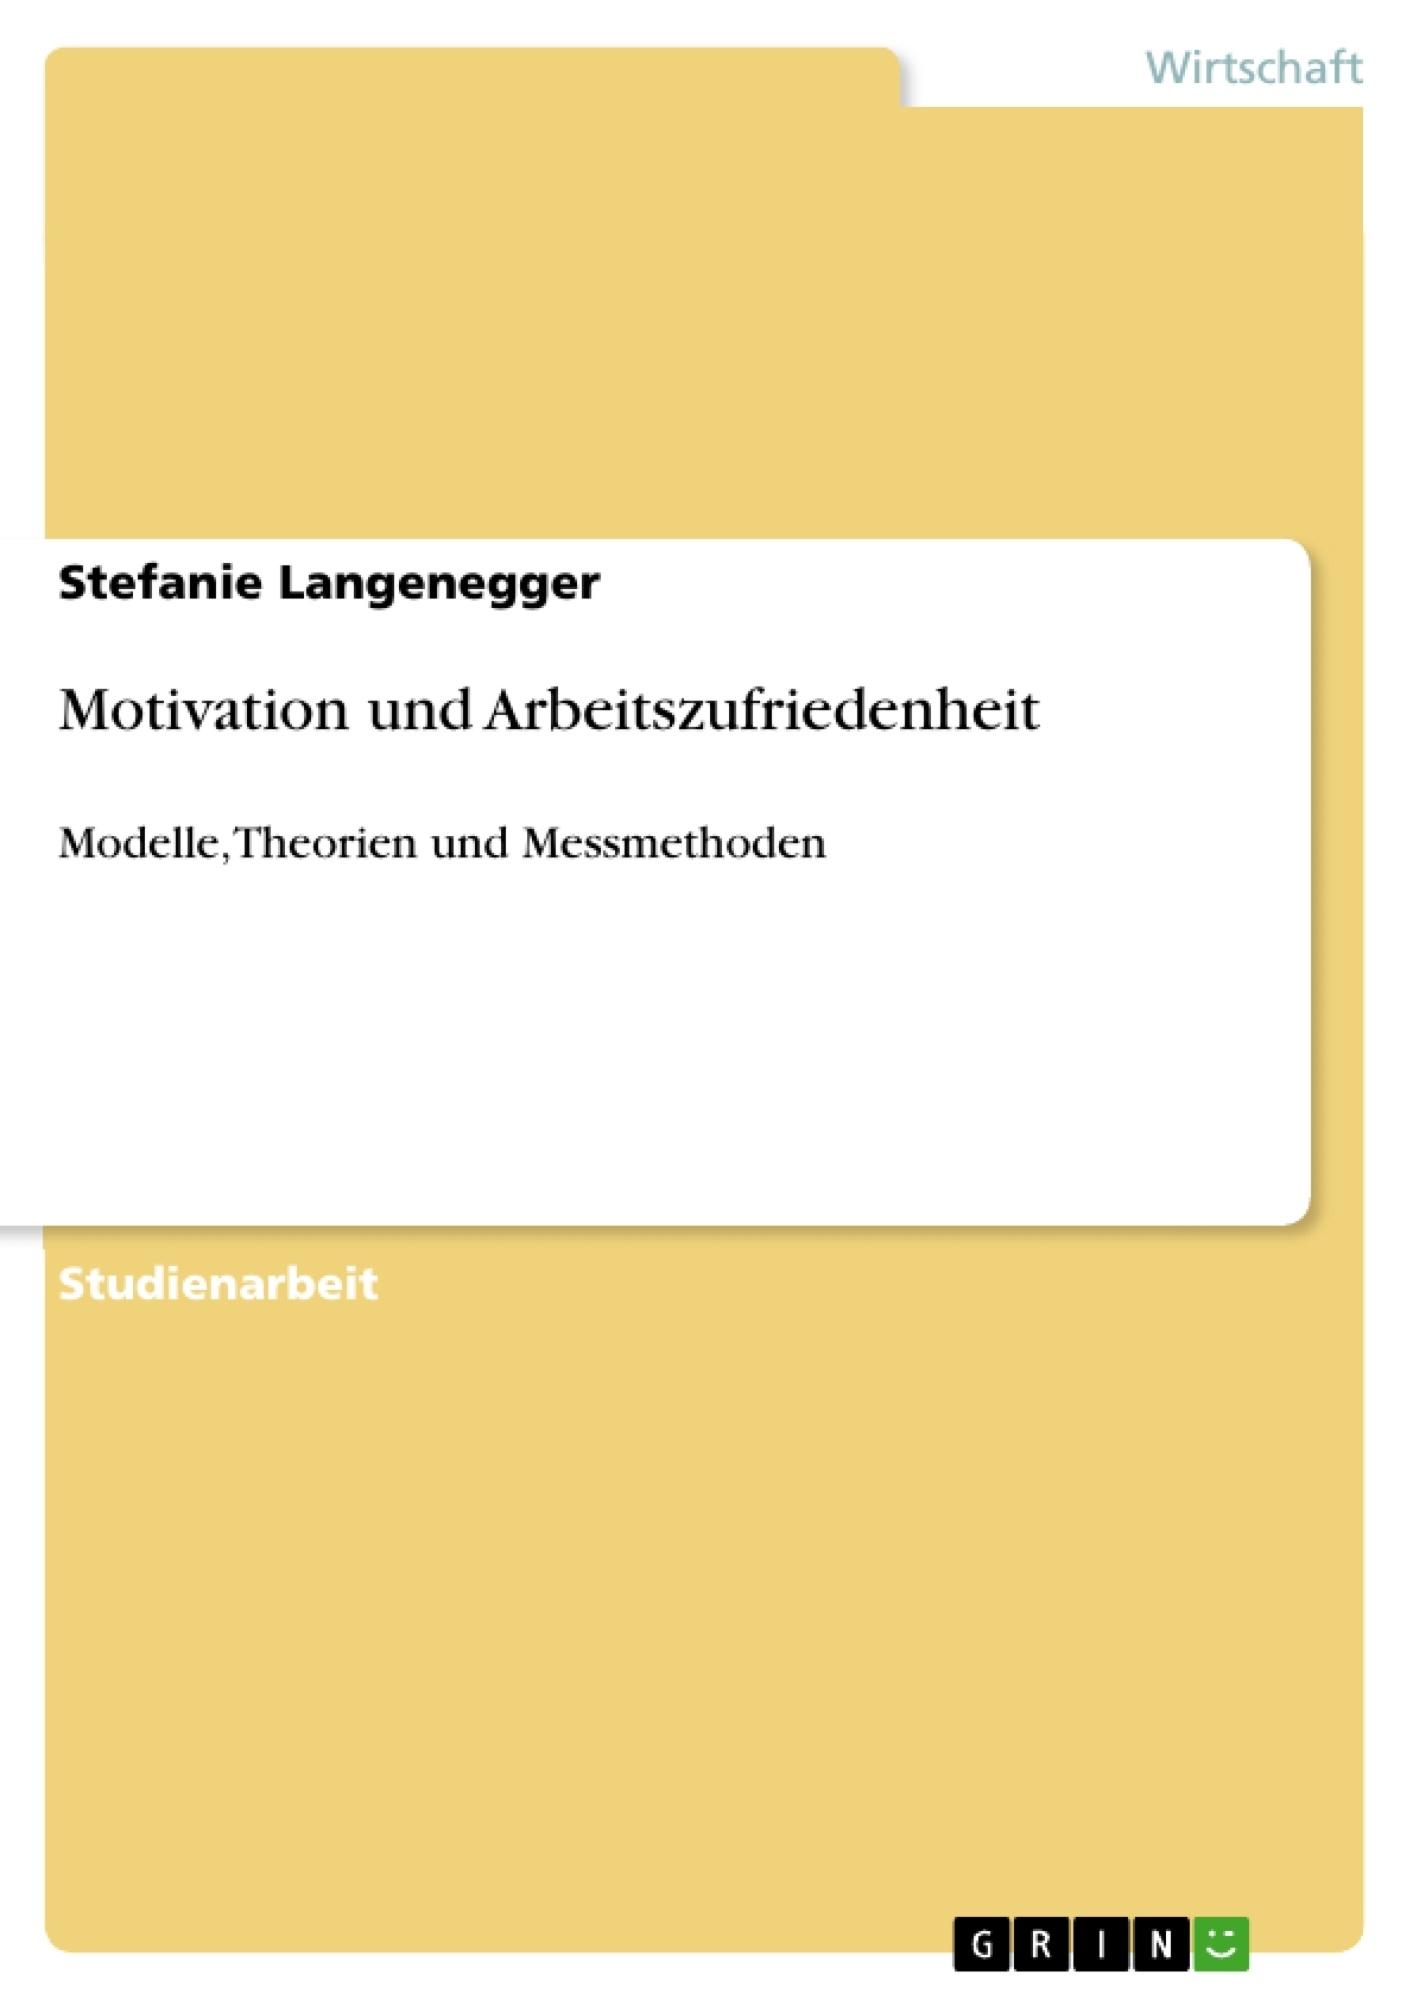 Titel: Motivation und Arbeitszufriedenheit